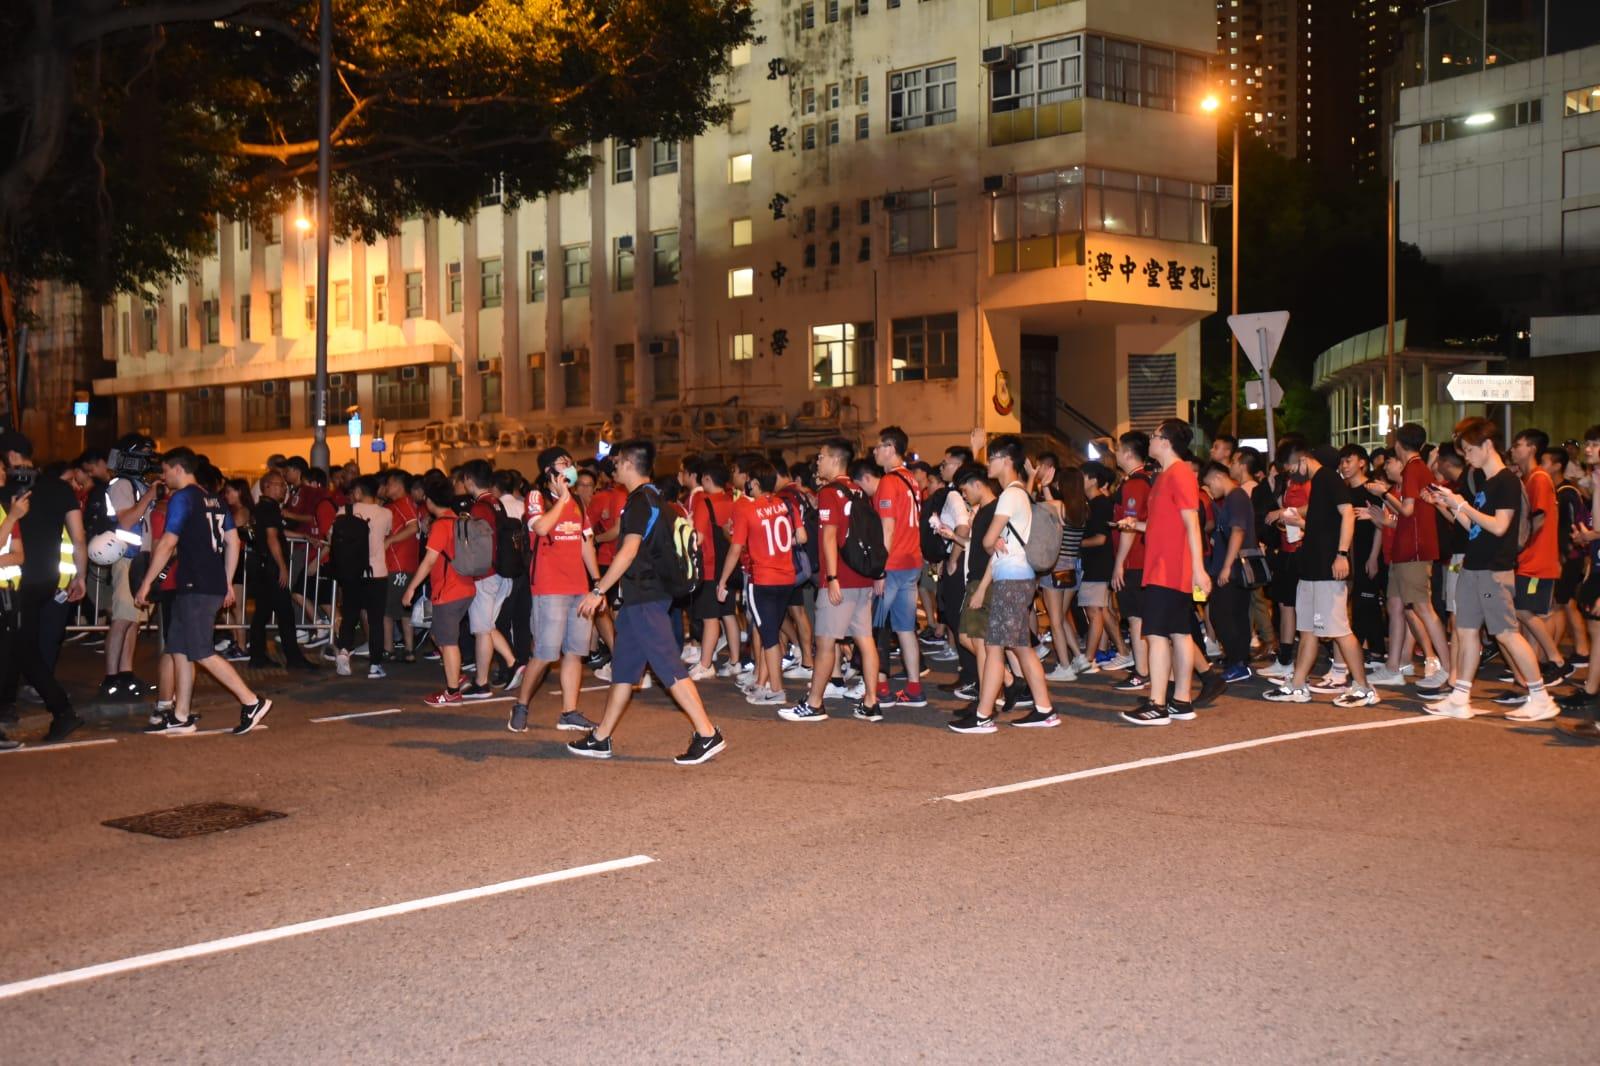 球迷前往大球場途中高叫政治口號。